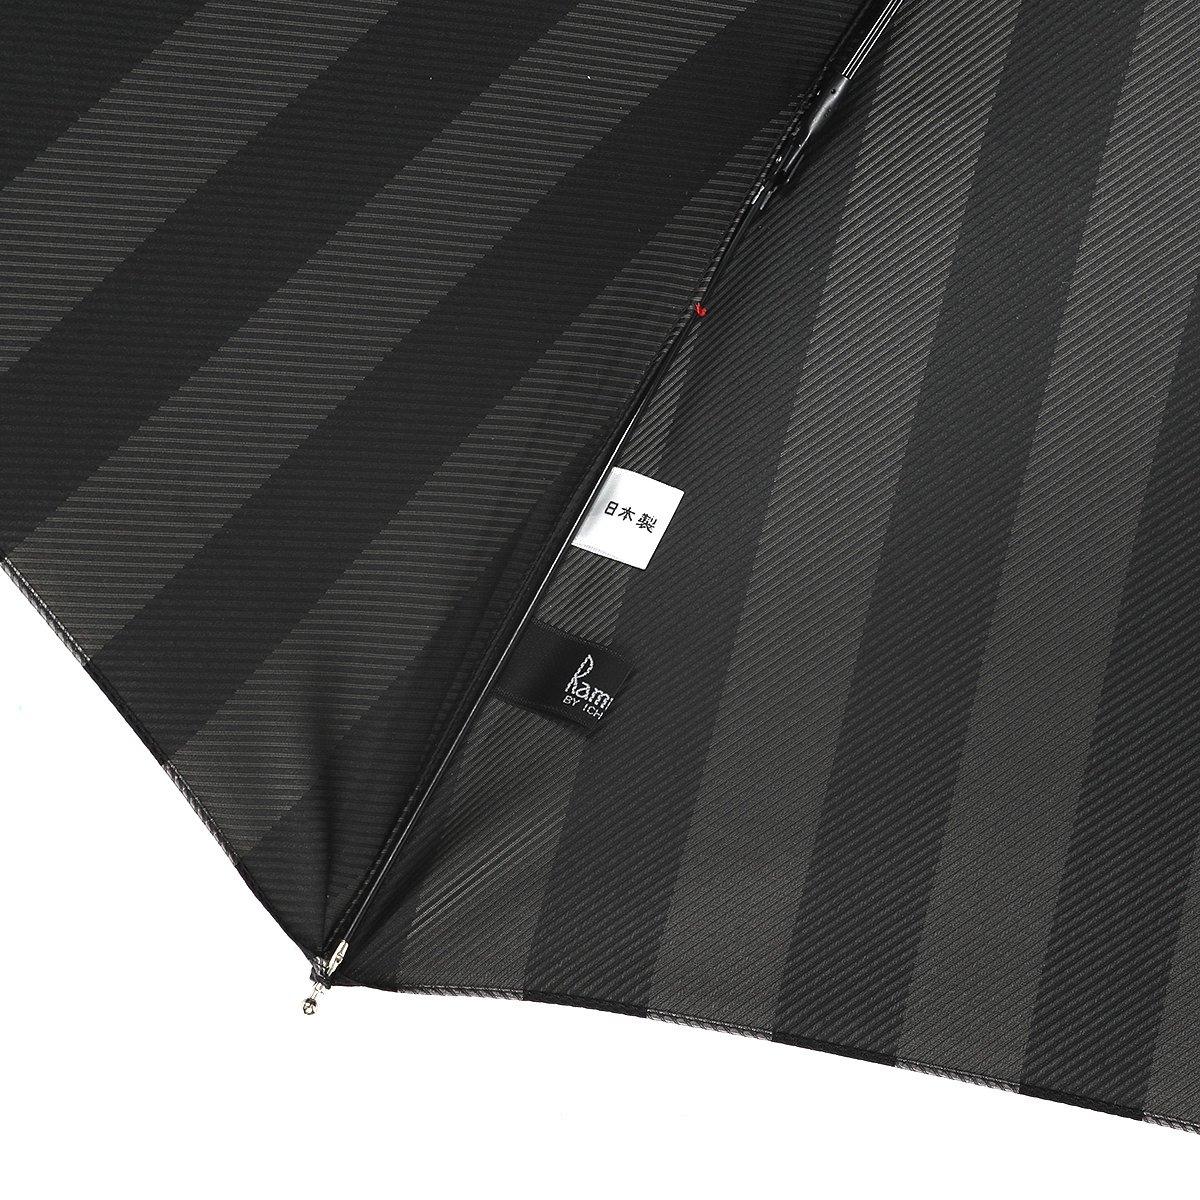 【公式限定】ワイドストライプ 耐風骨 折りたたみ傘 詳細画像7